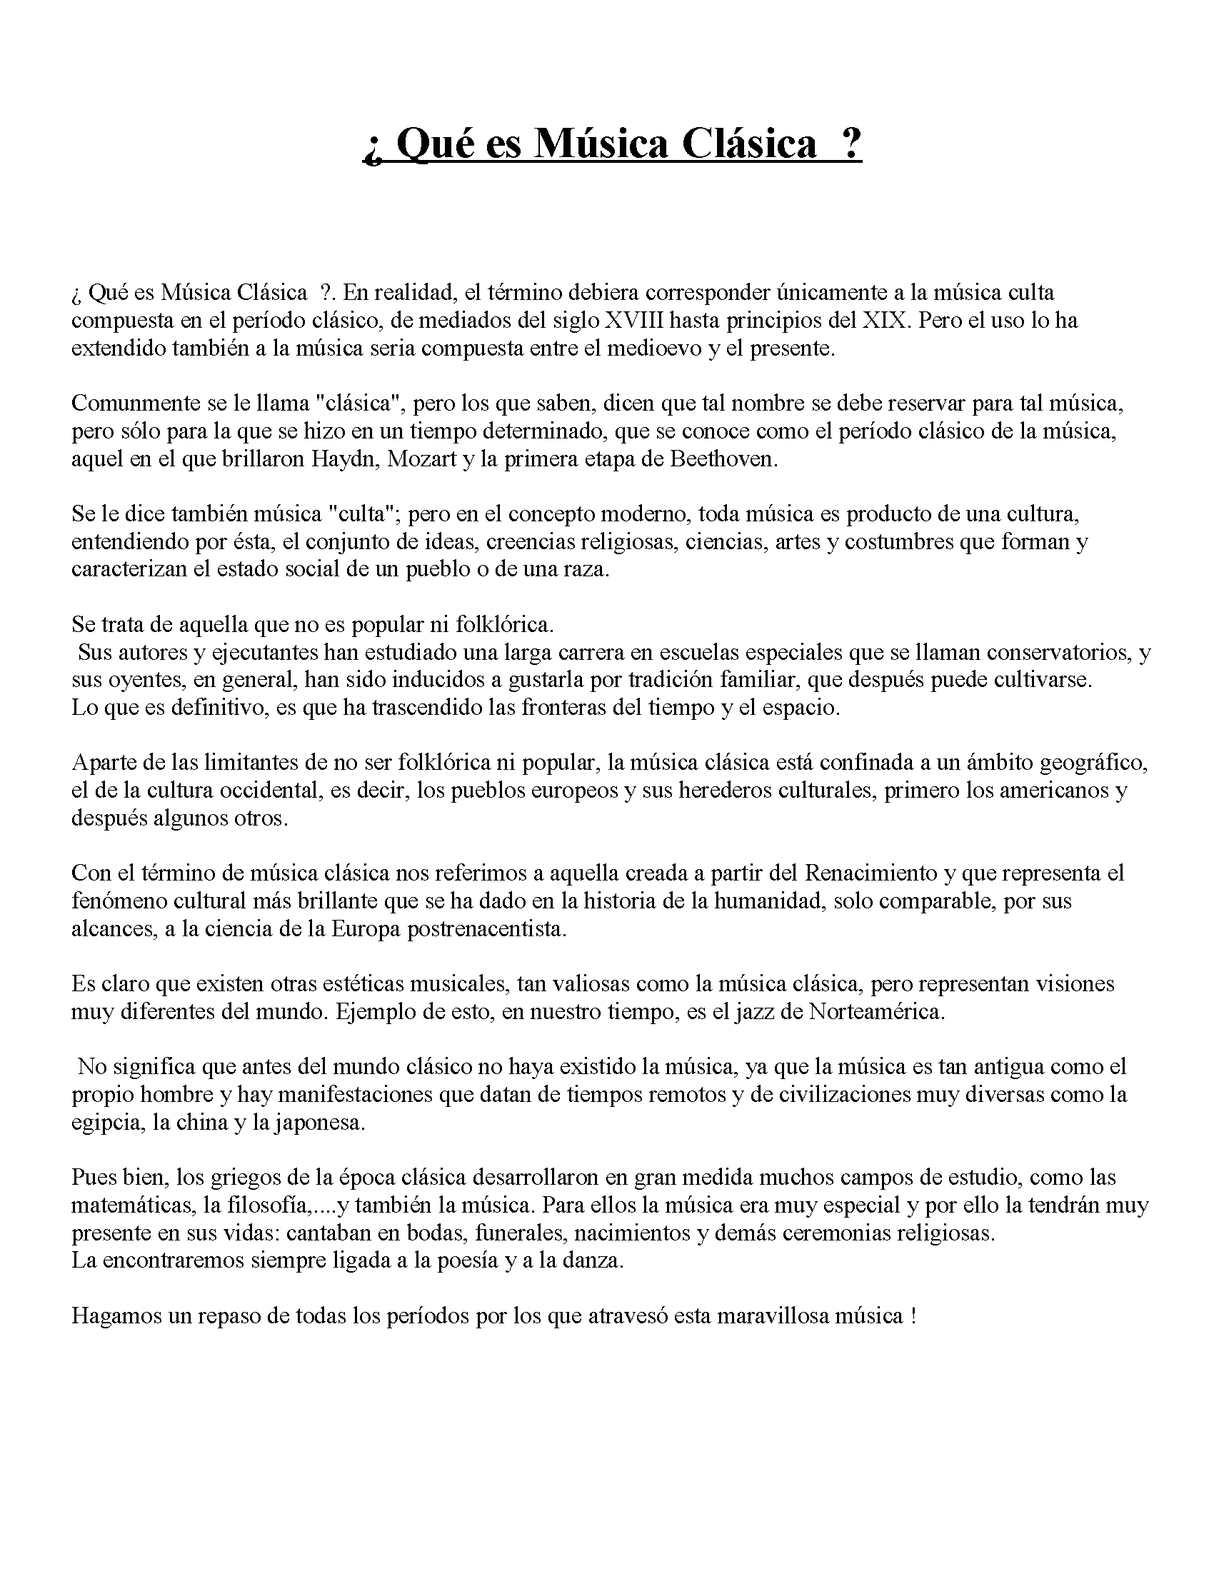 Calameo Apunte De La Historia De La Musica Clasica